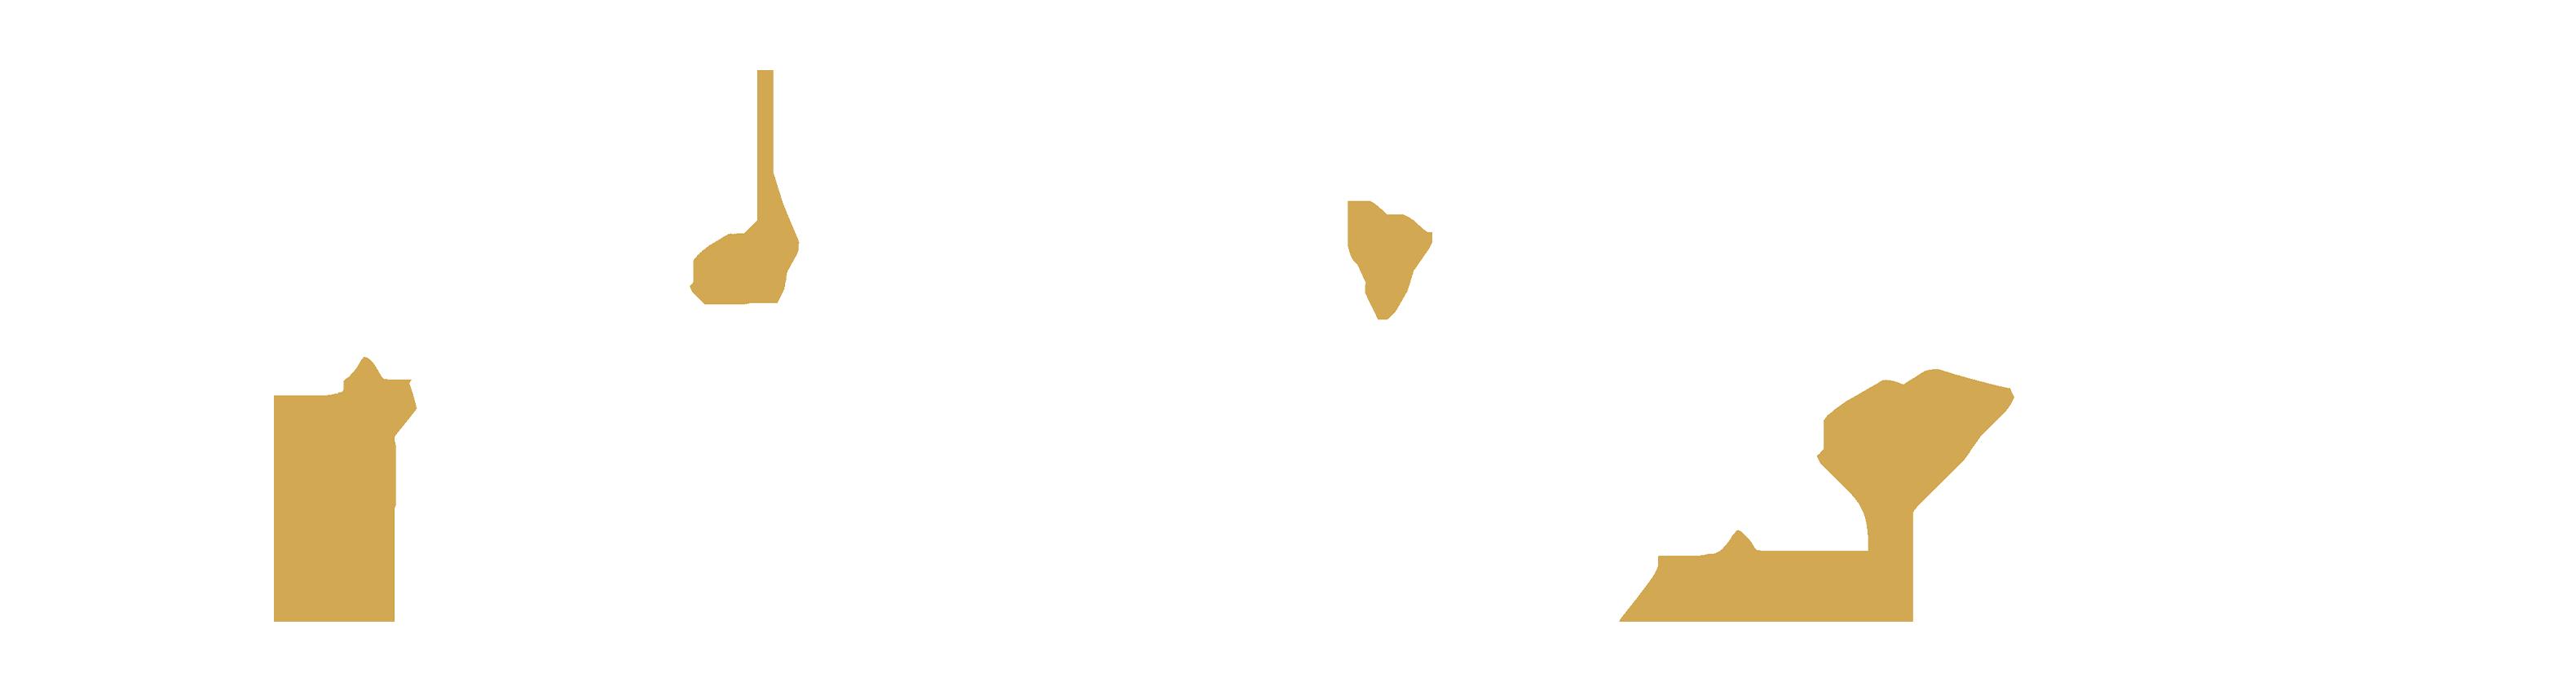 مرکز تنظیم و نشر آثار استاد عابدینی